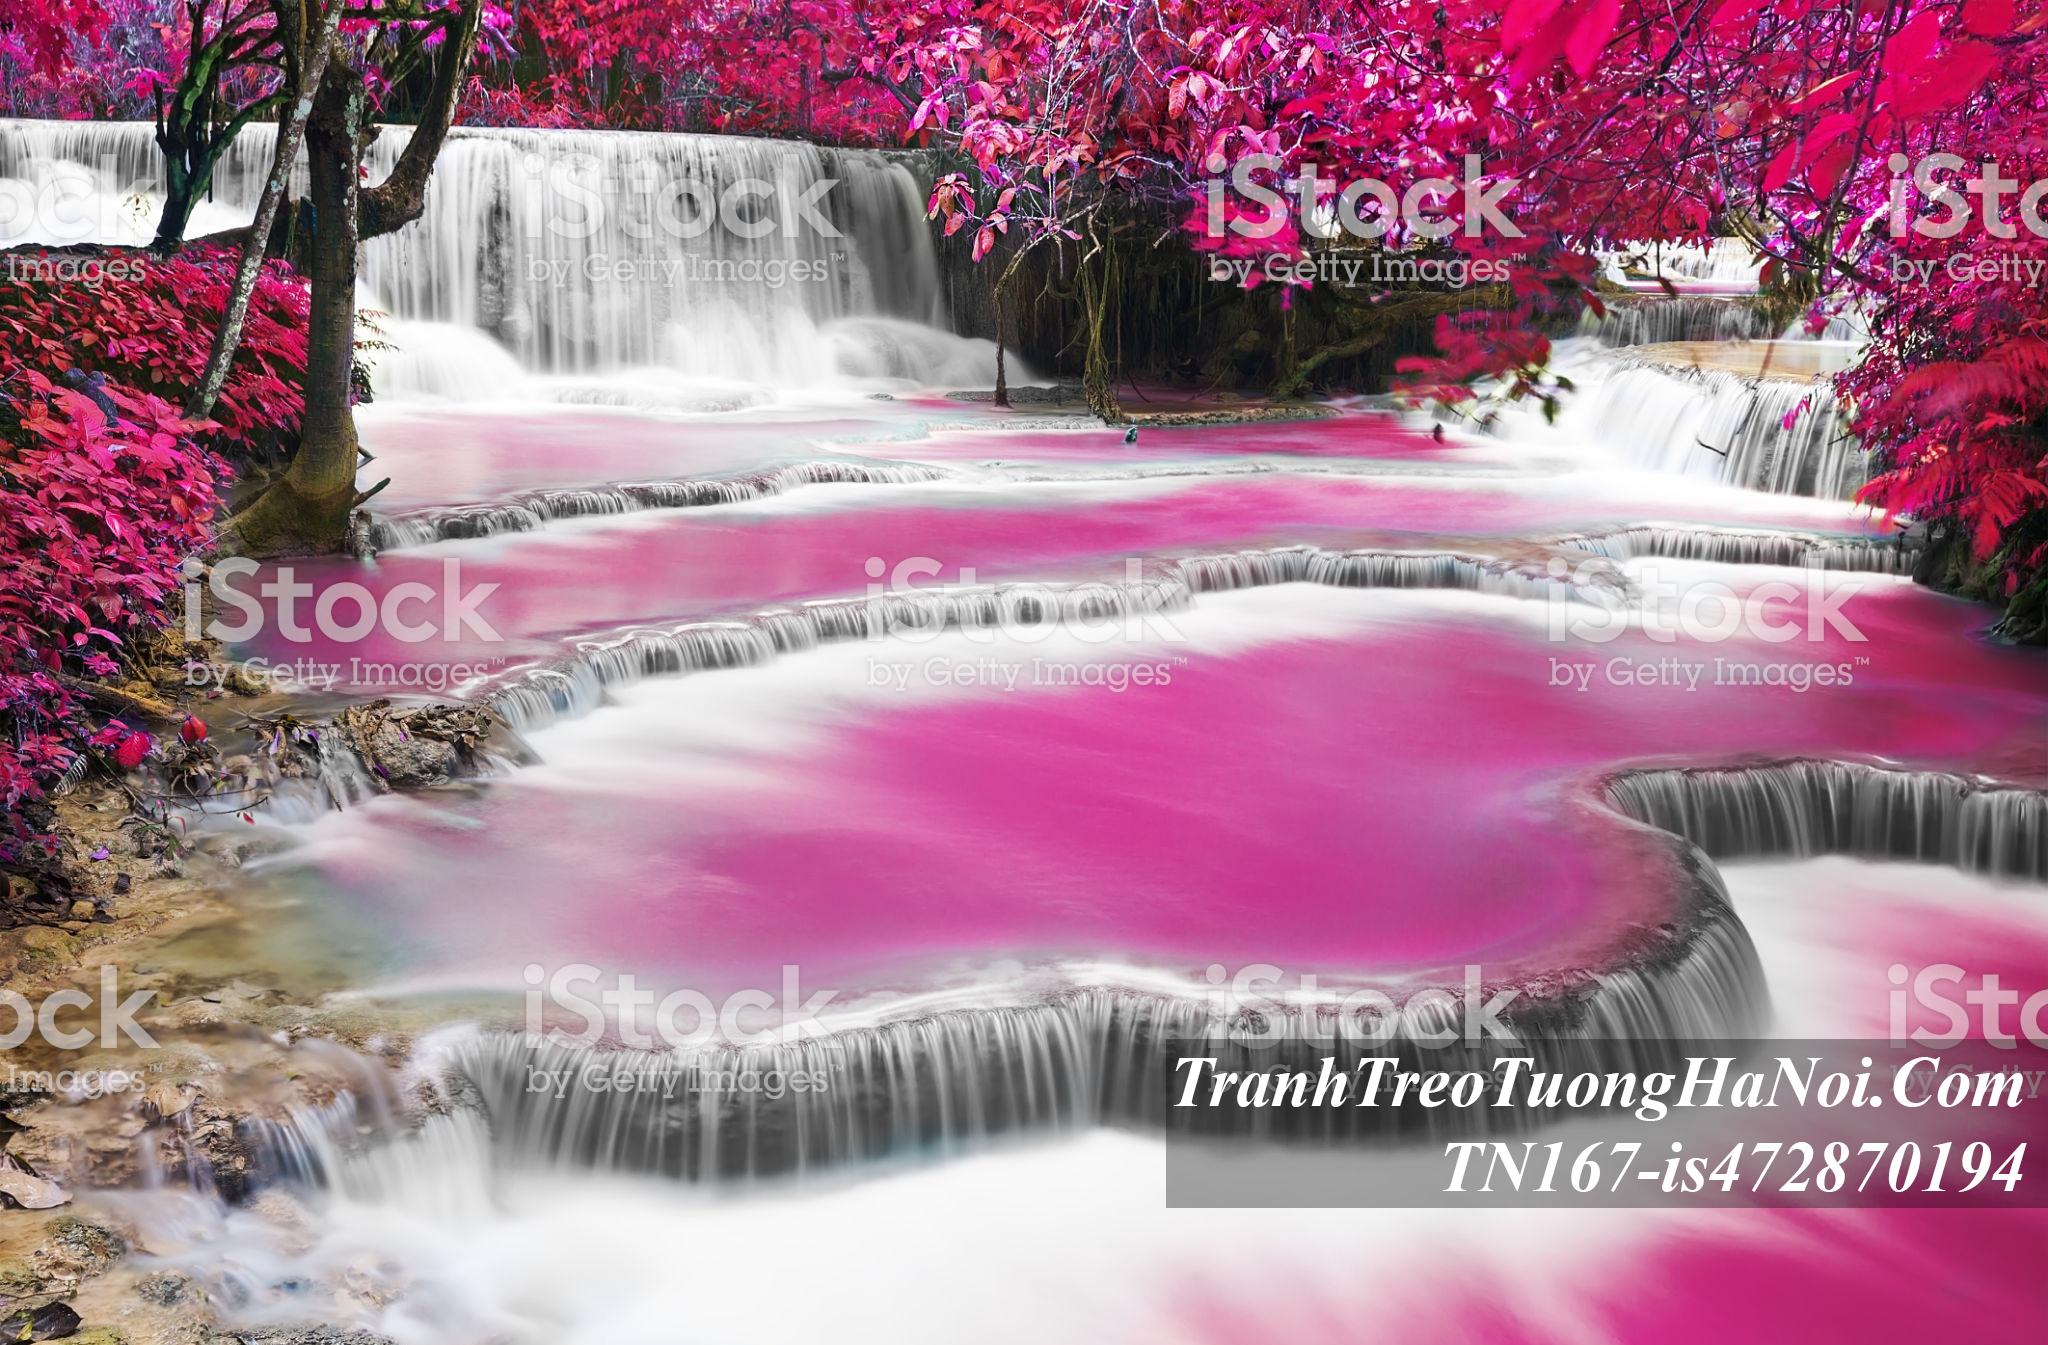 Tranh thac nuoc mau tim dep mua thu AmiA TN167-is472870194